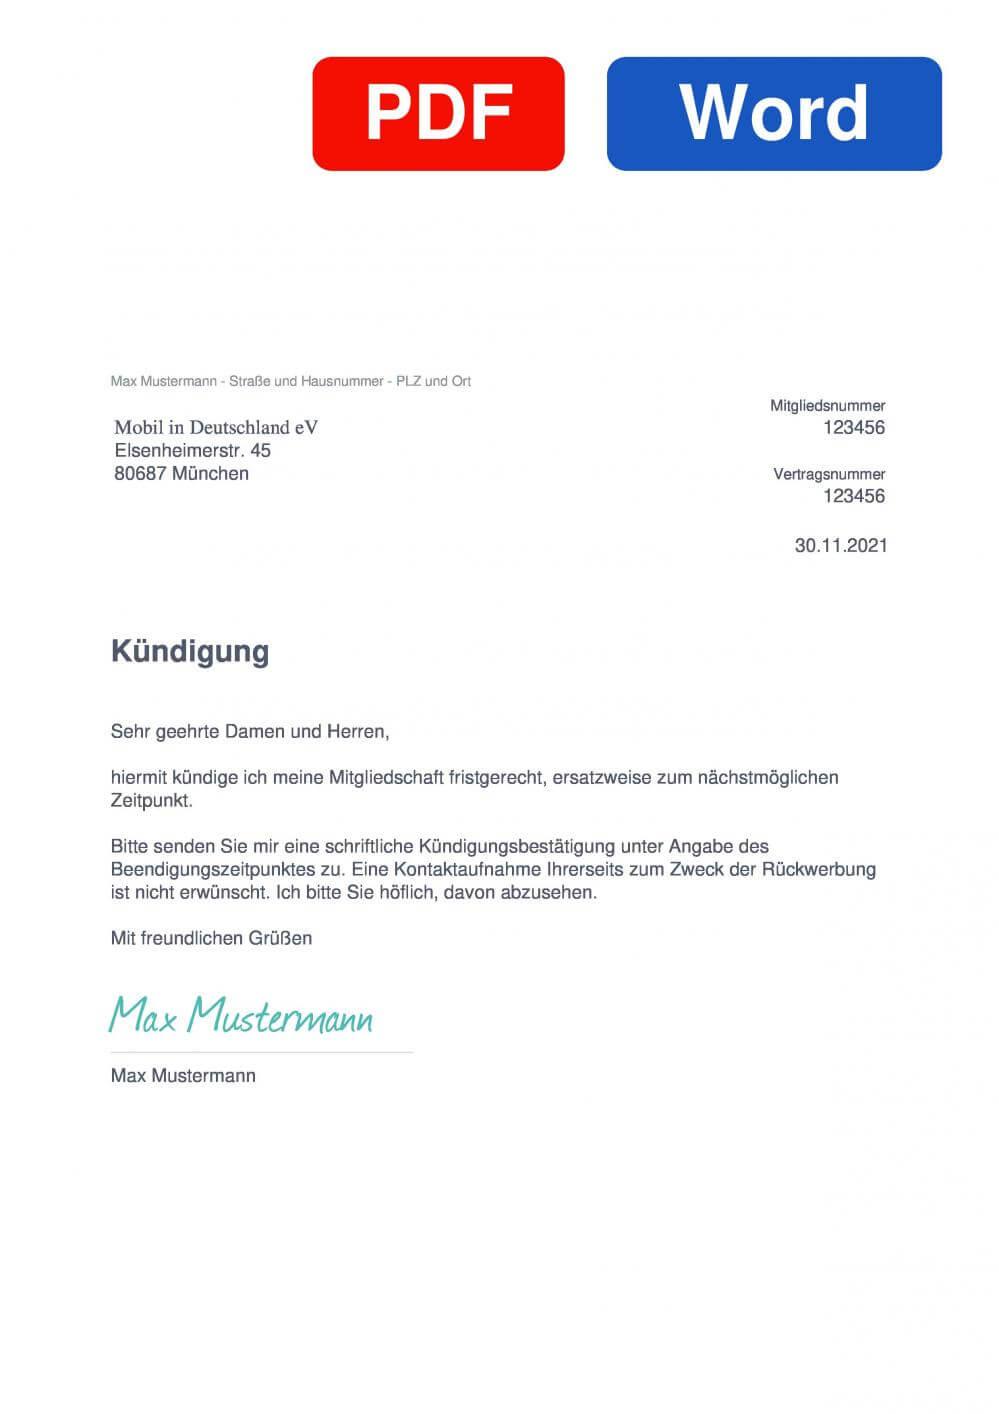 Mobil in Deutschland Muster Vorlage für Kündigungsschreiben